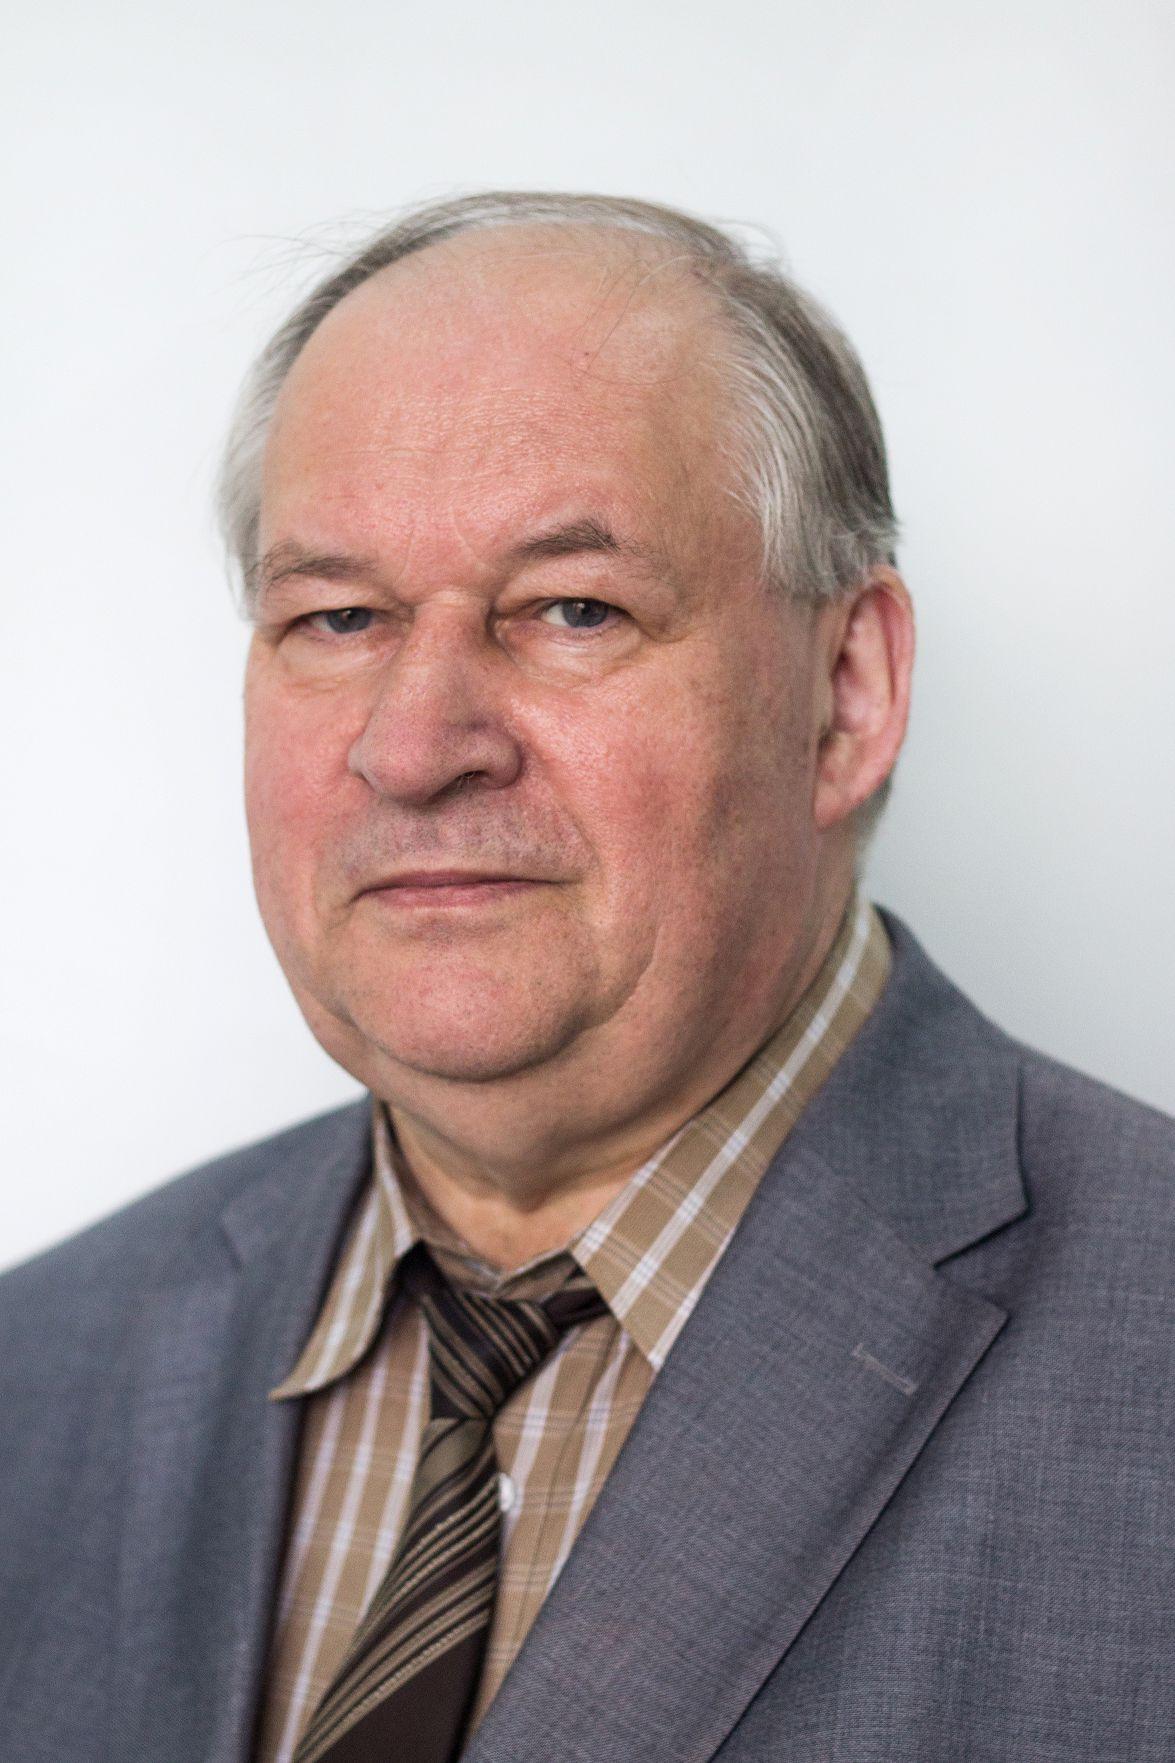 Вішнеўскі Міхаіл Іванавіч